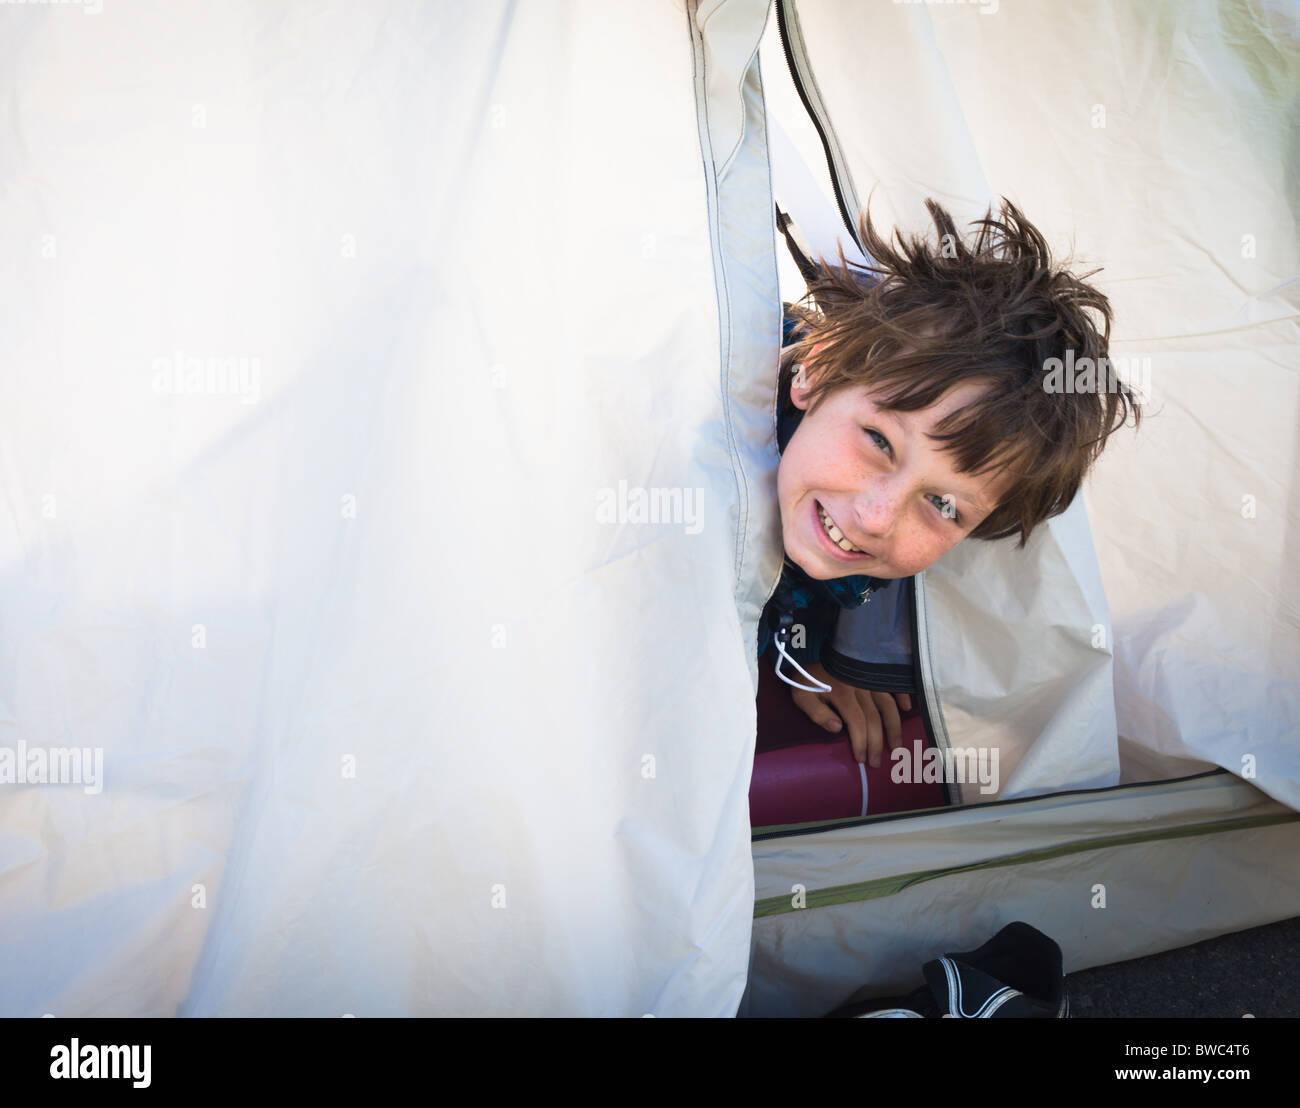 Ragazzo che guarda fuori della tenda Foto Stock